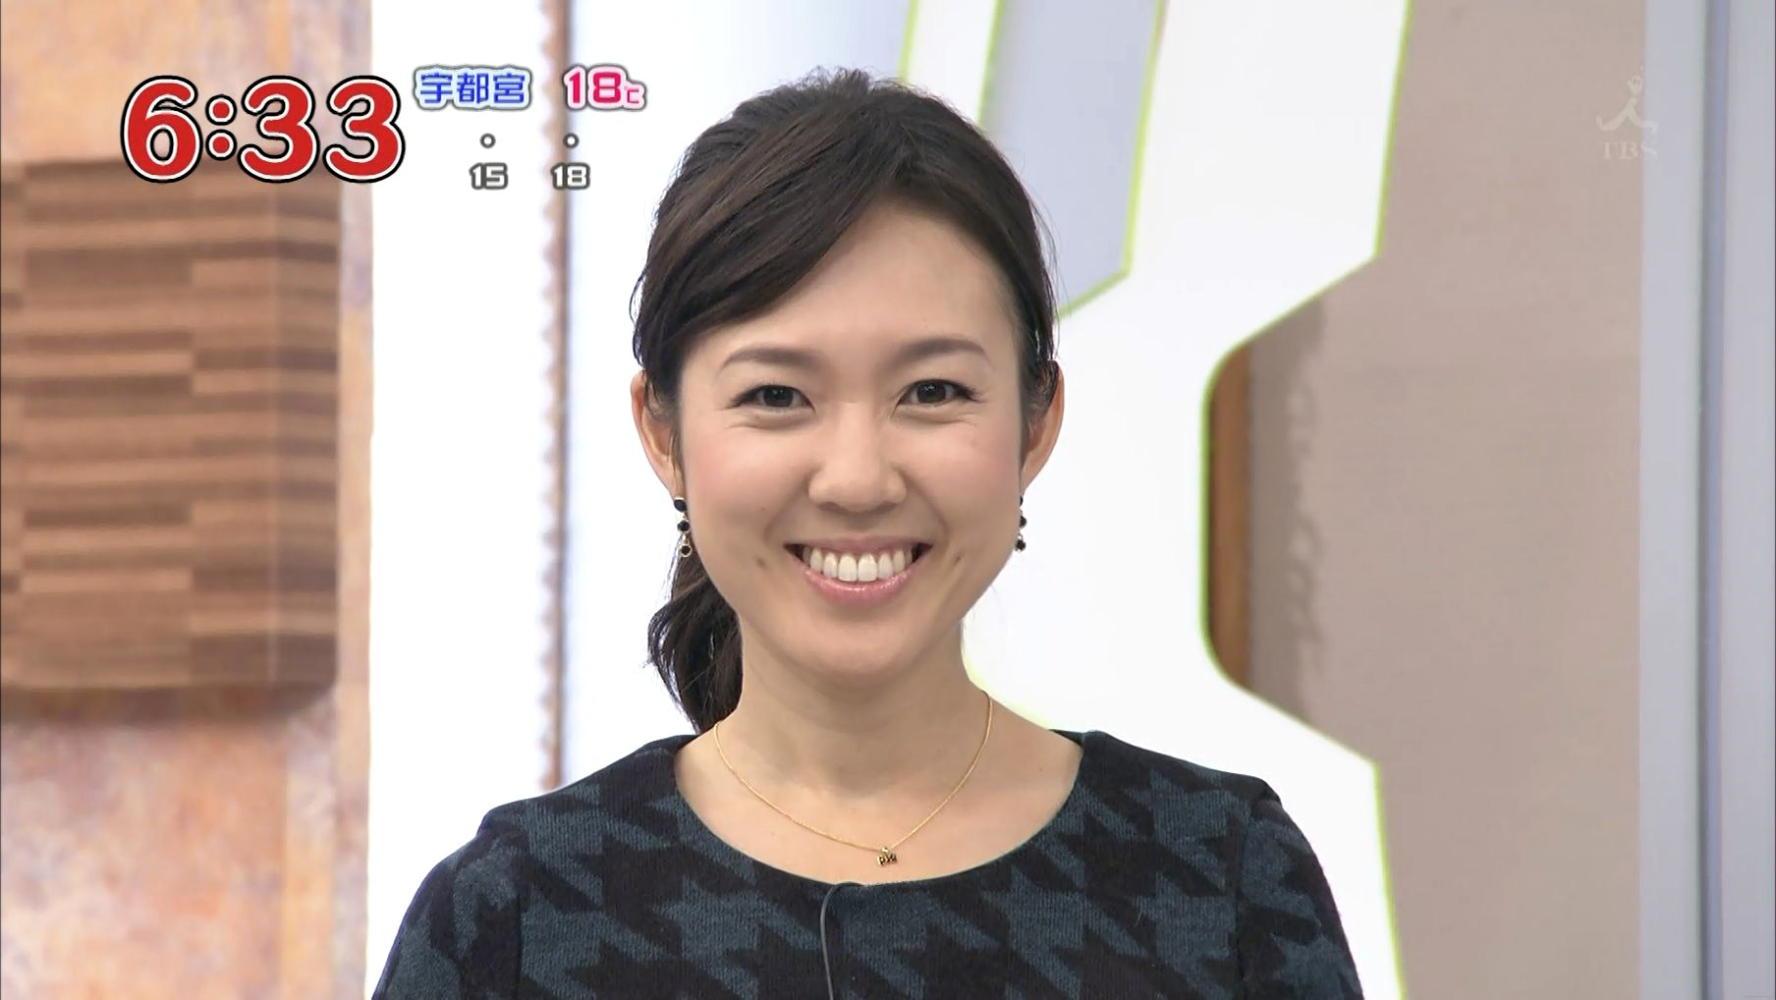 【メ〜テレ】塩尻奈都子☆Part5【なっちゃん】©2ch.net->画像>2920枚